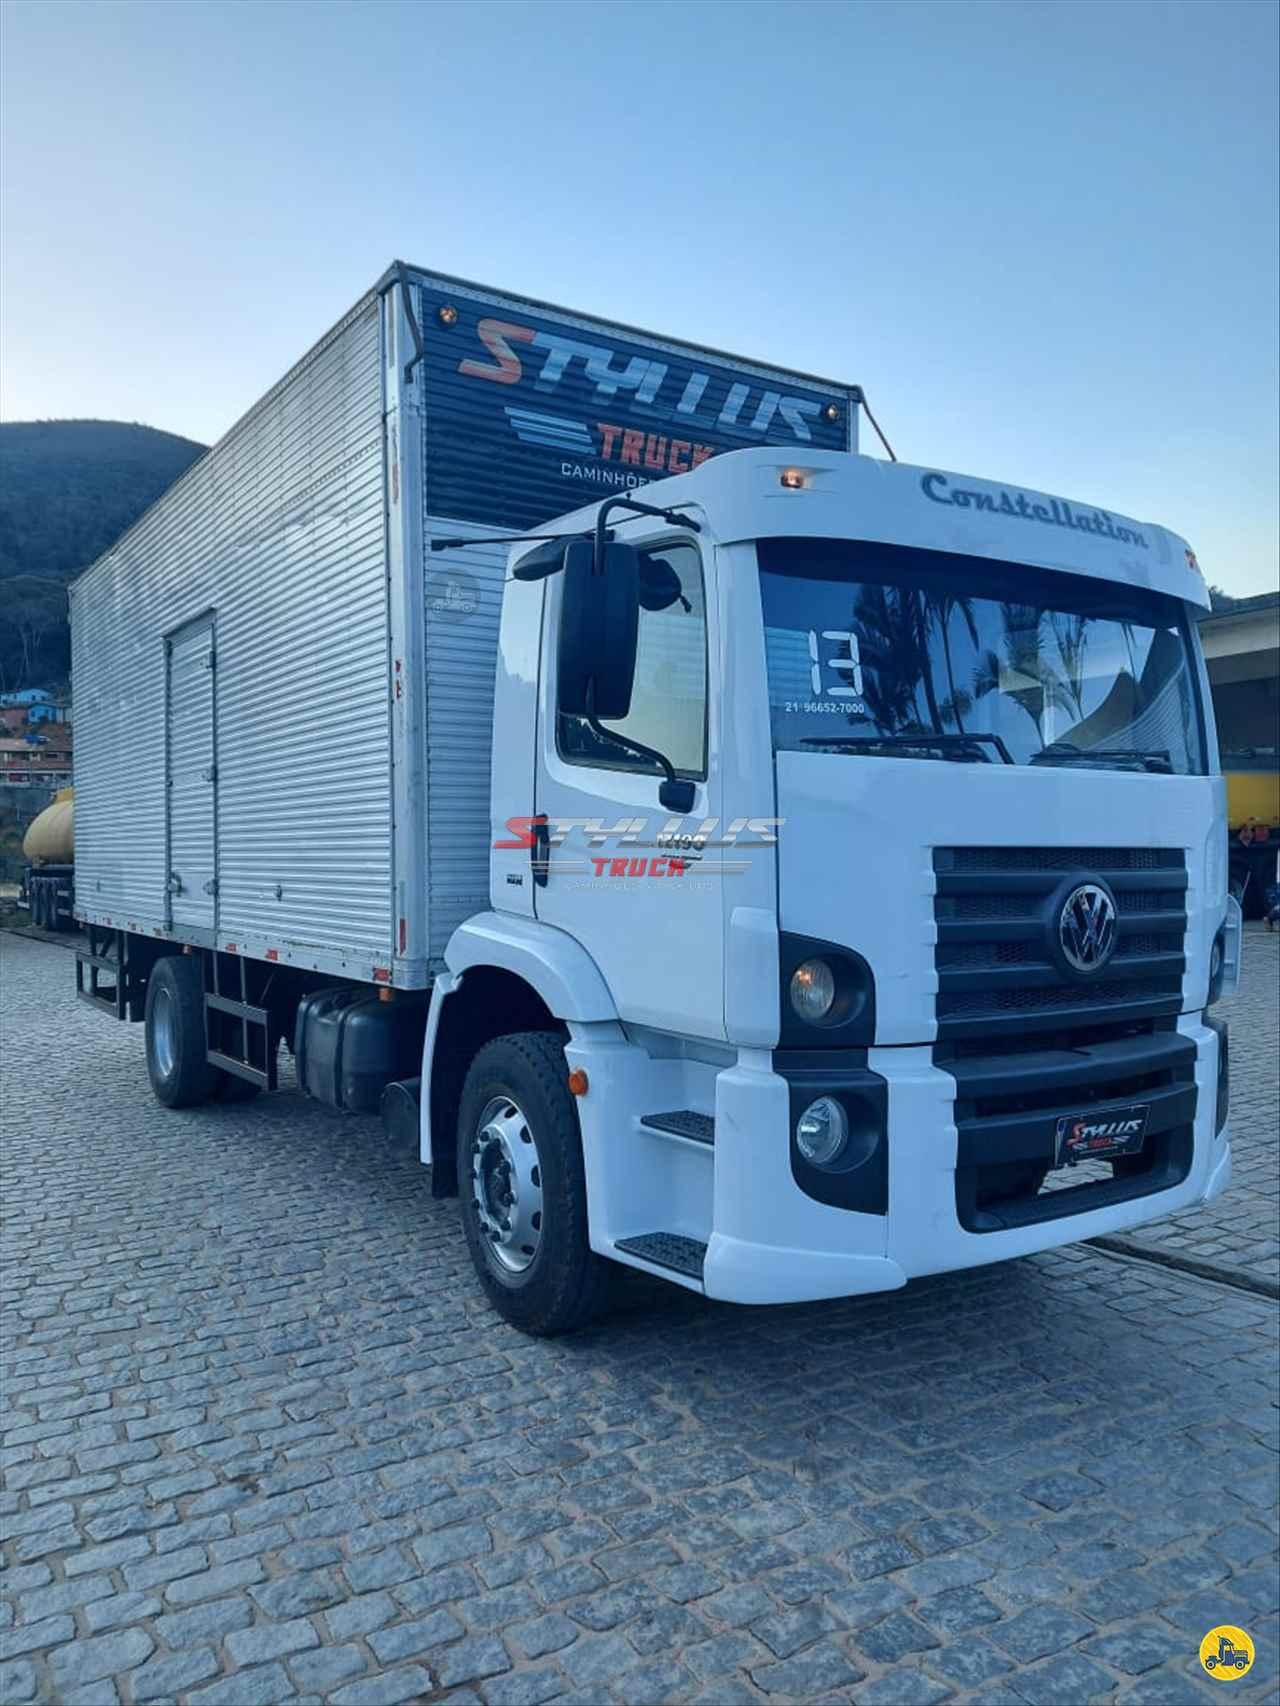 CAMINHAO VOLKSWAGEN VW 17190 Baú Furgão Toco 4x2 Styllus Truck TERESOPOLIS RIO DE JANEIRO RJ